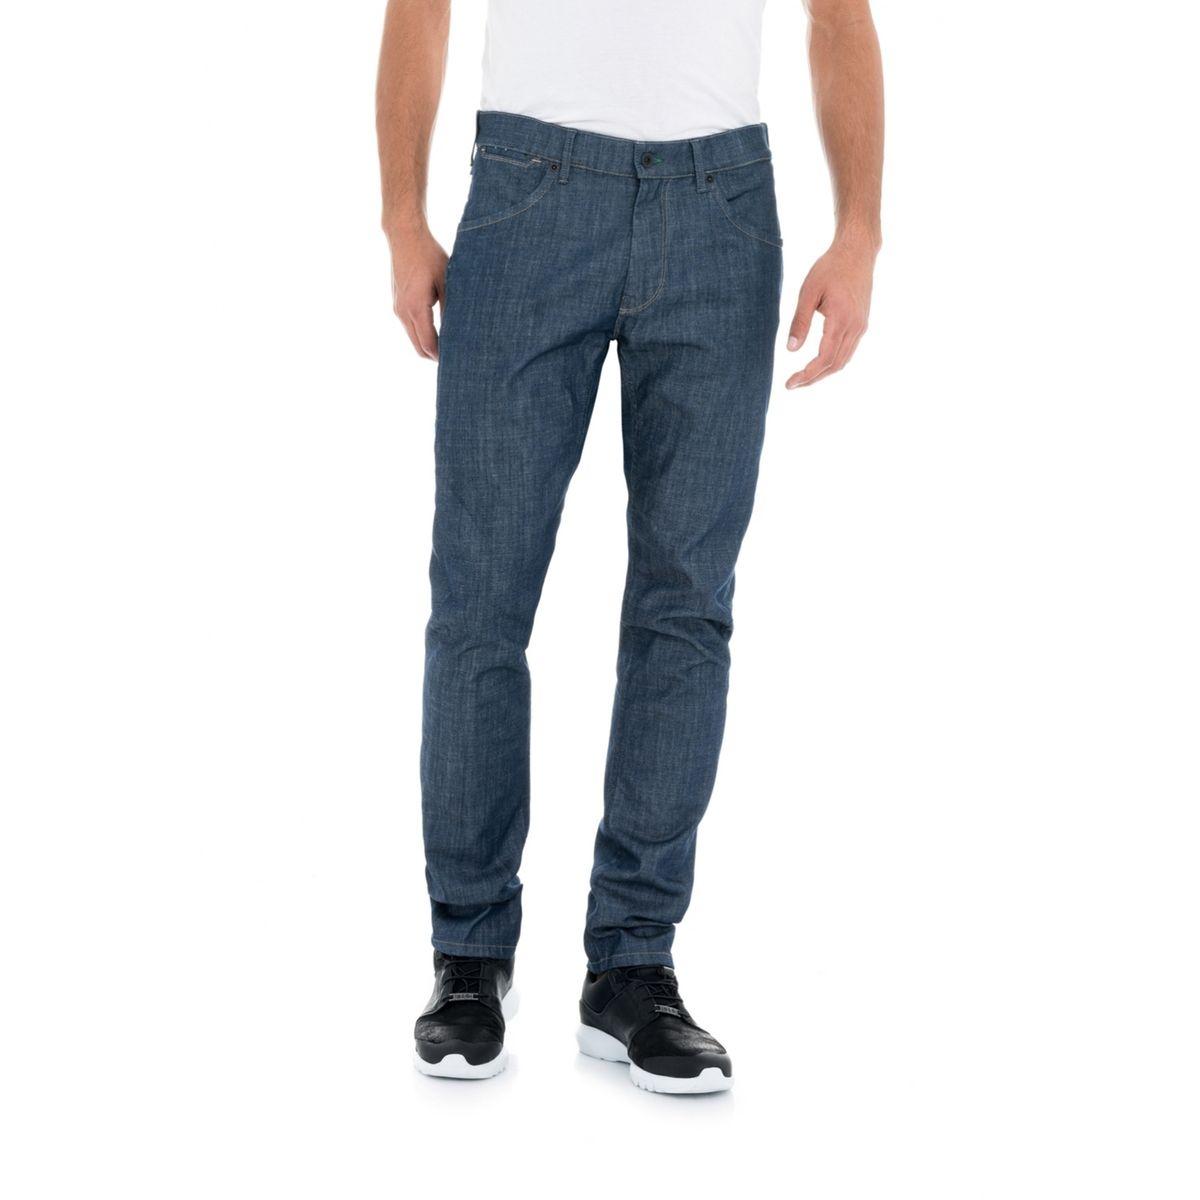 Pantalon ERGO I-Motion bleu moyen désencollé